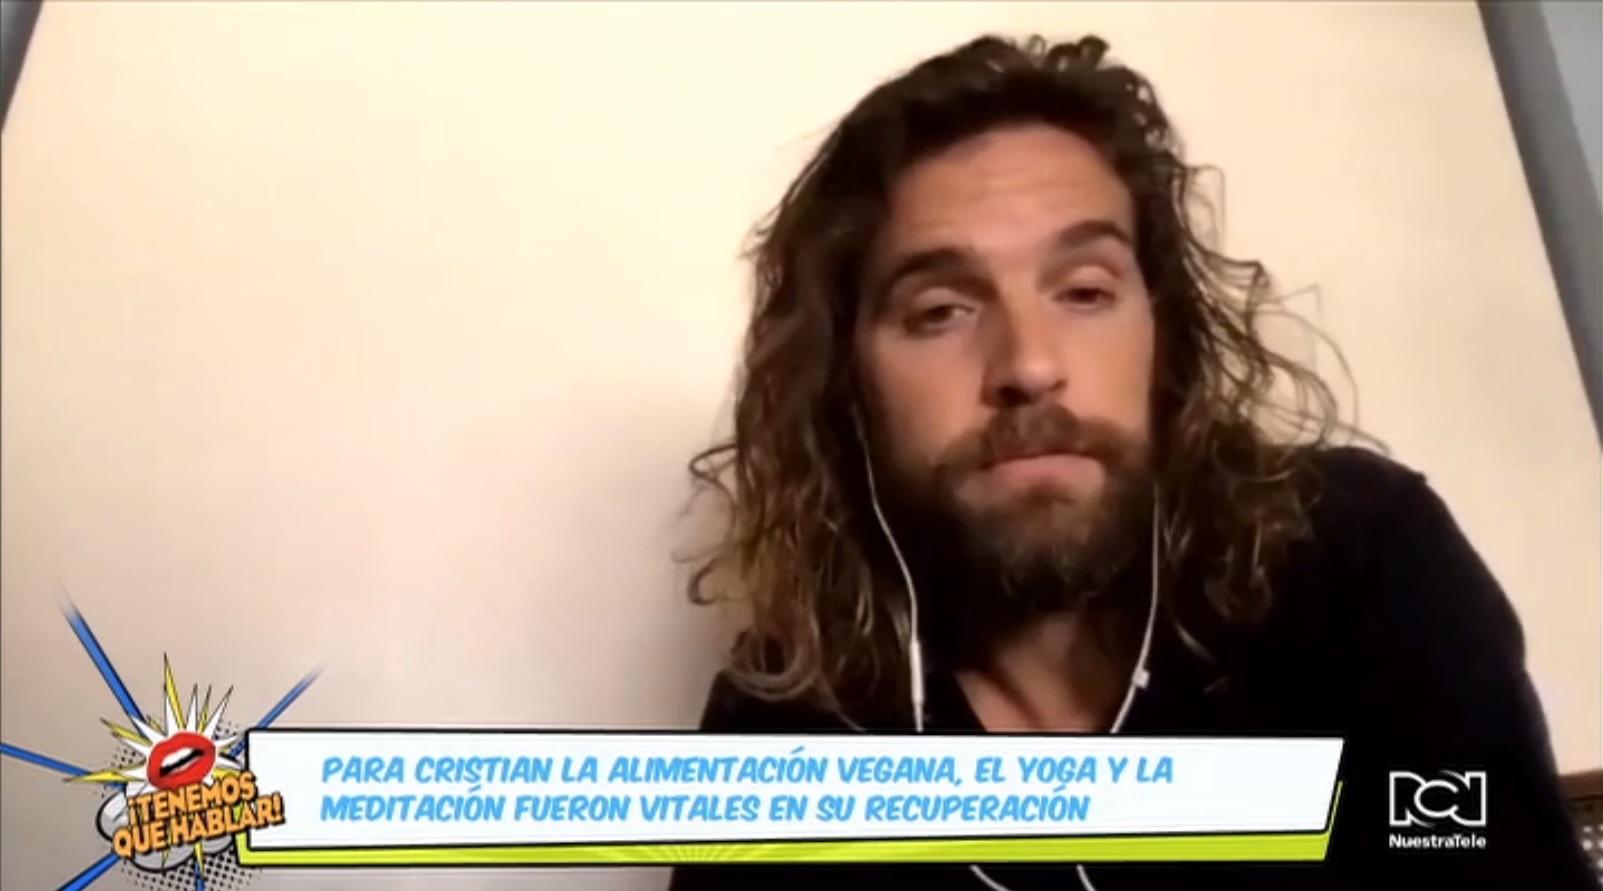 """""""Tengo la oportunidad de compartir mi historia para seguir sanando"""": Cristian Grassi"""